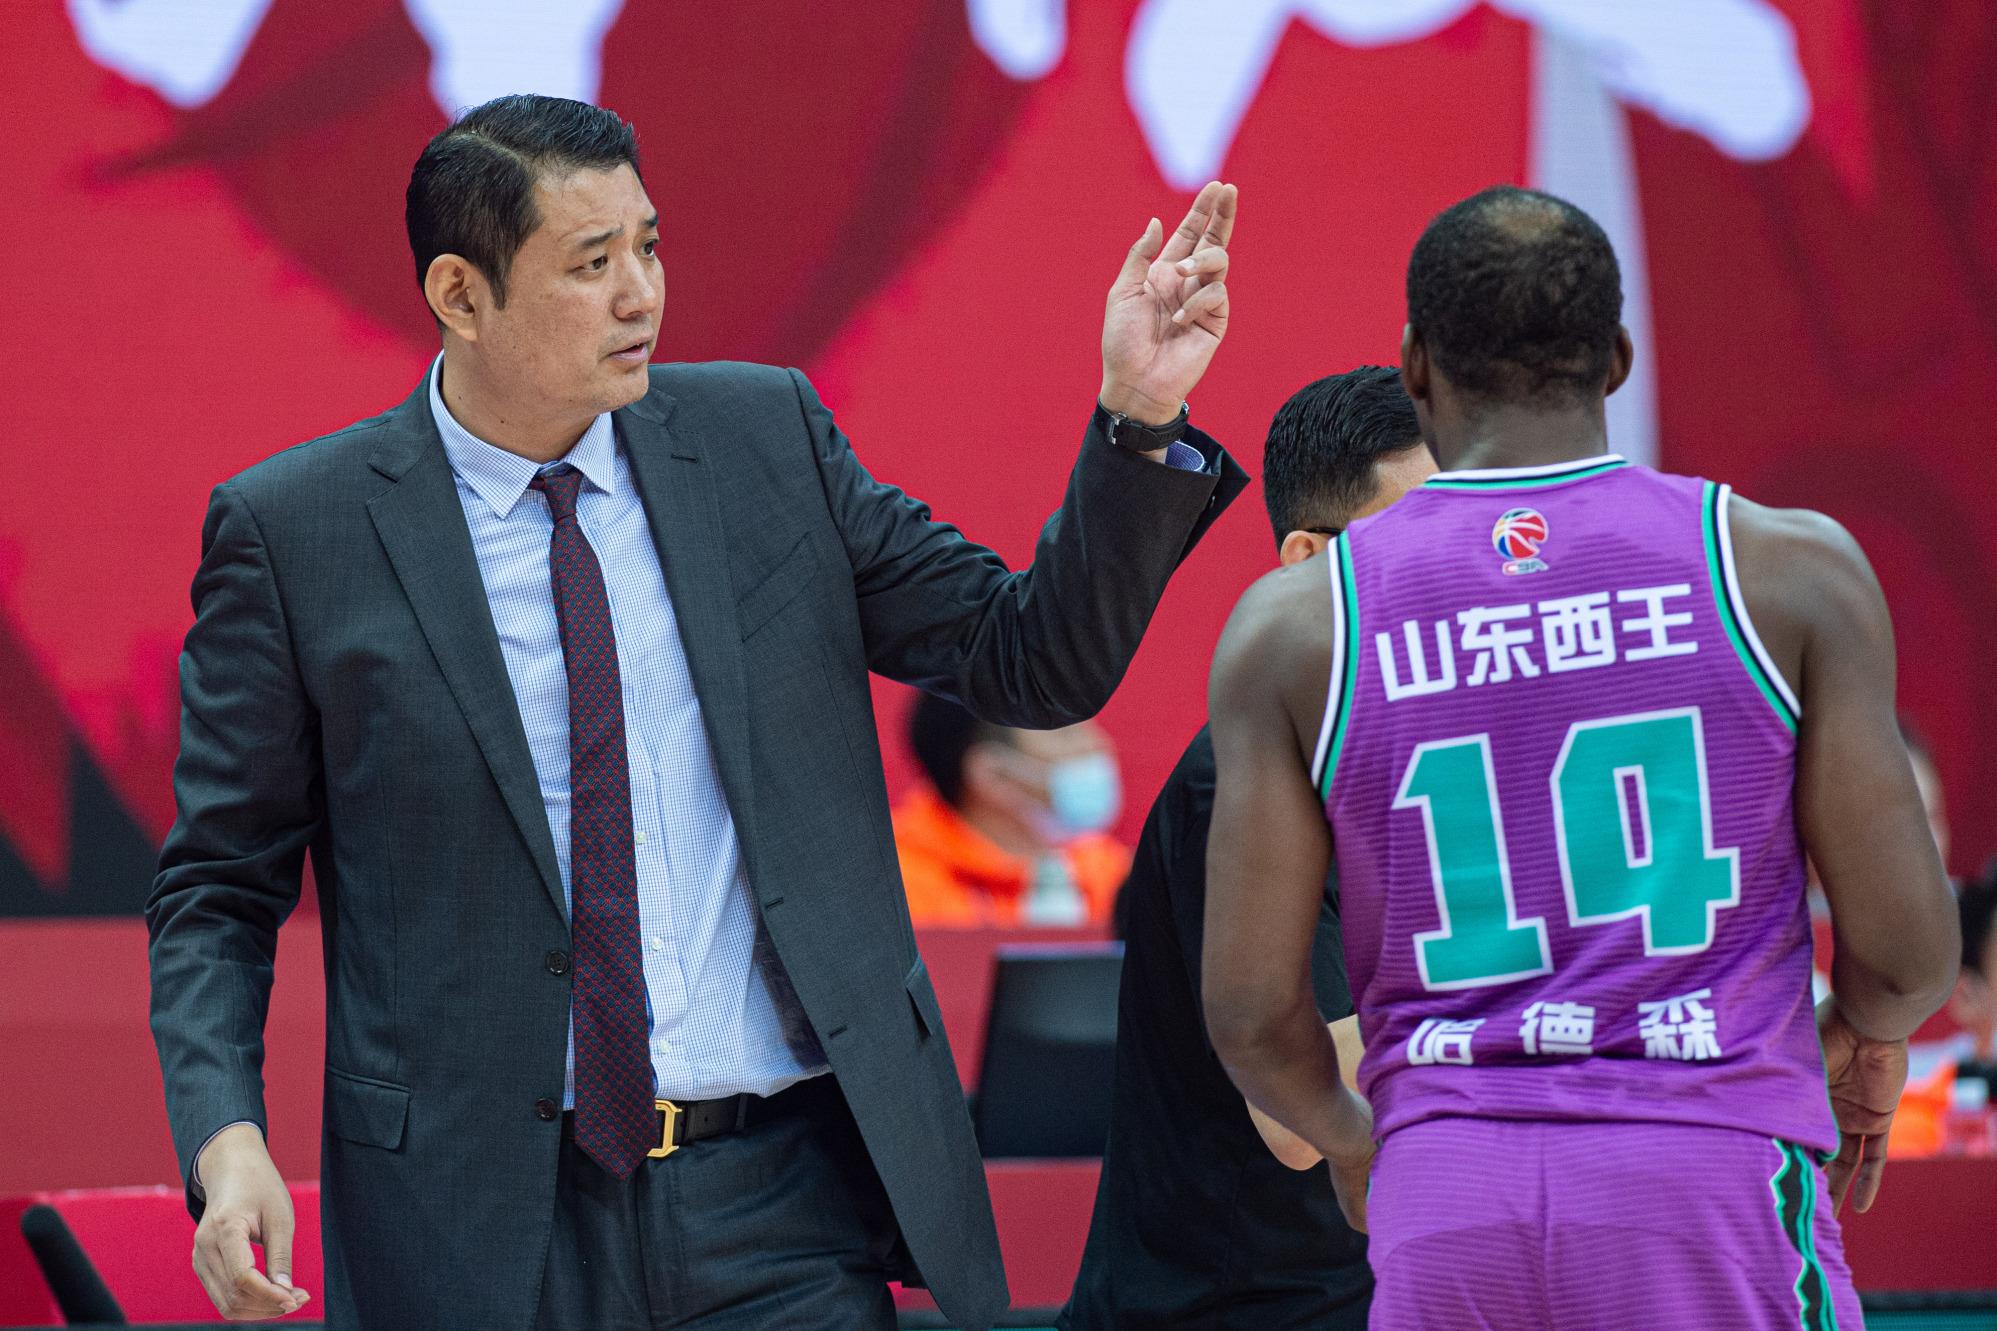 面对触底反弹的北京男篮,山东男篮在争胜同时要保护自己